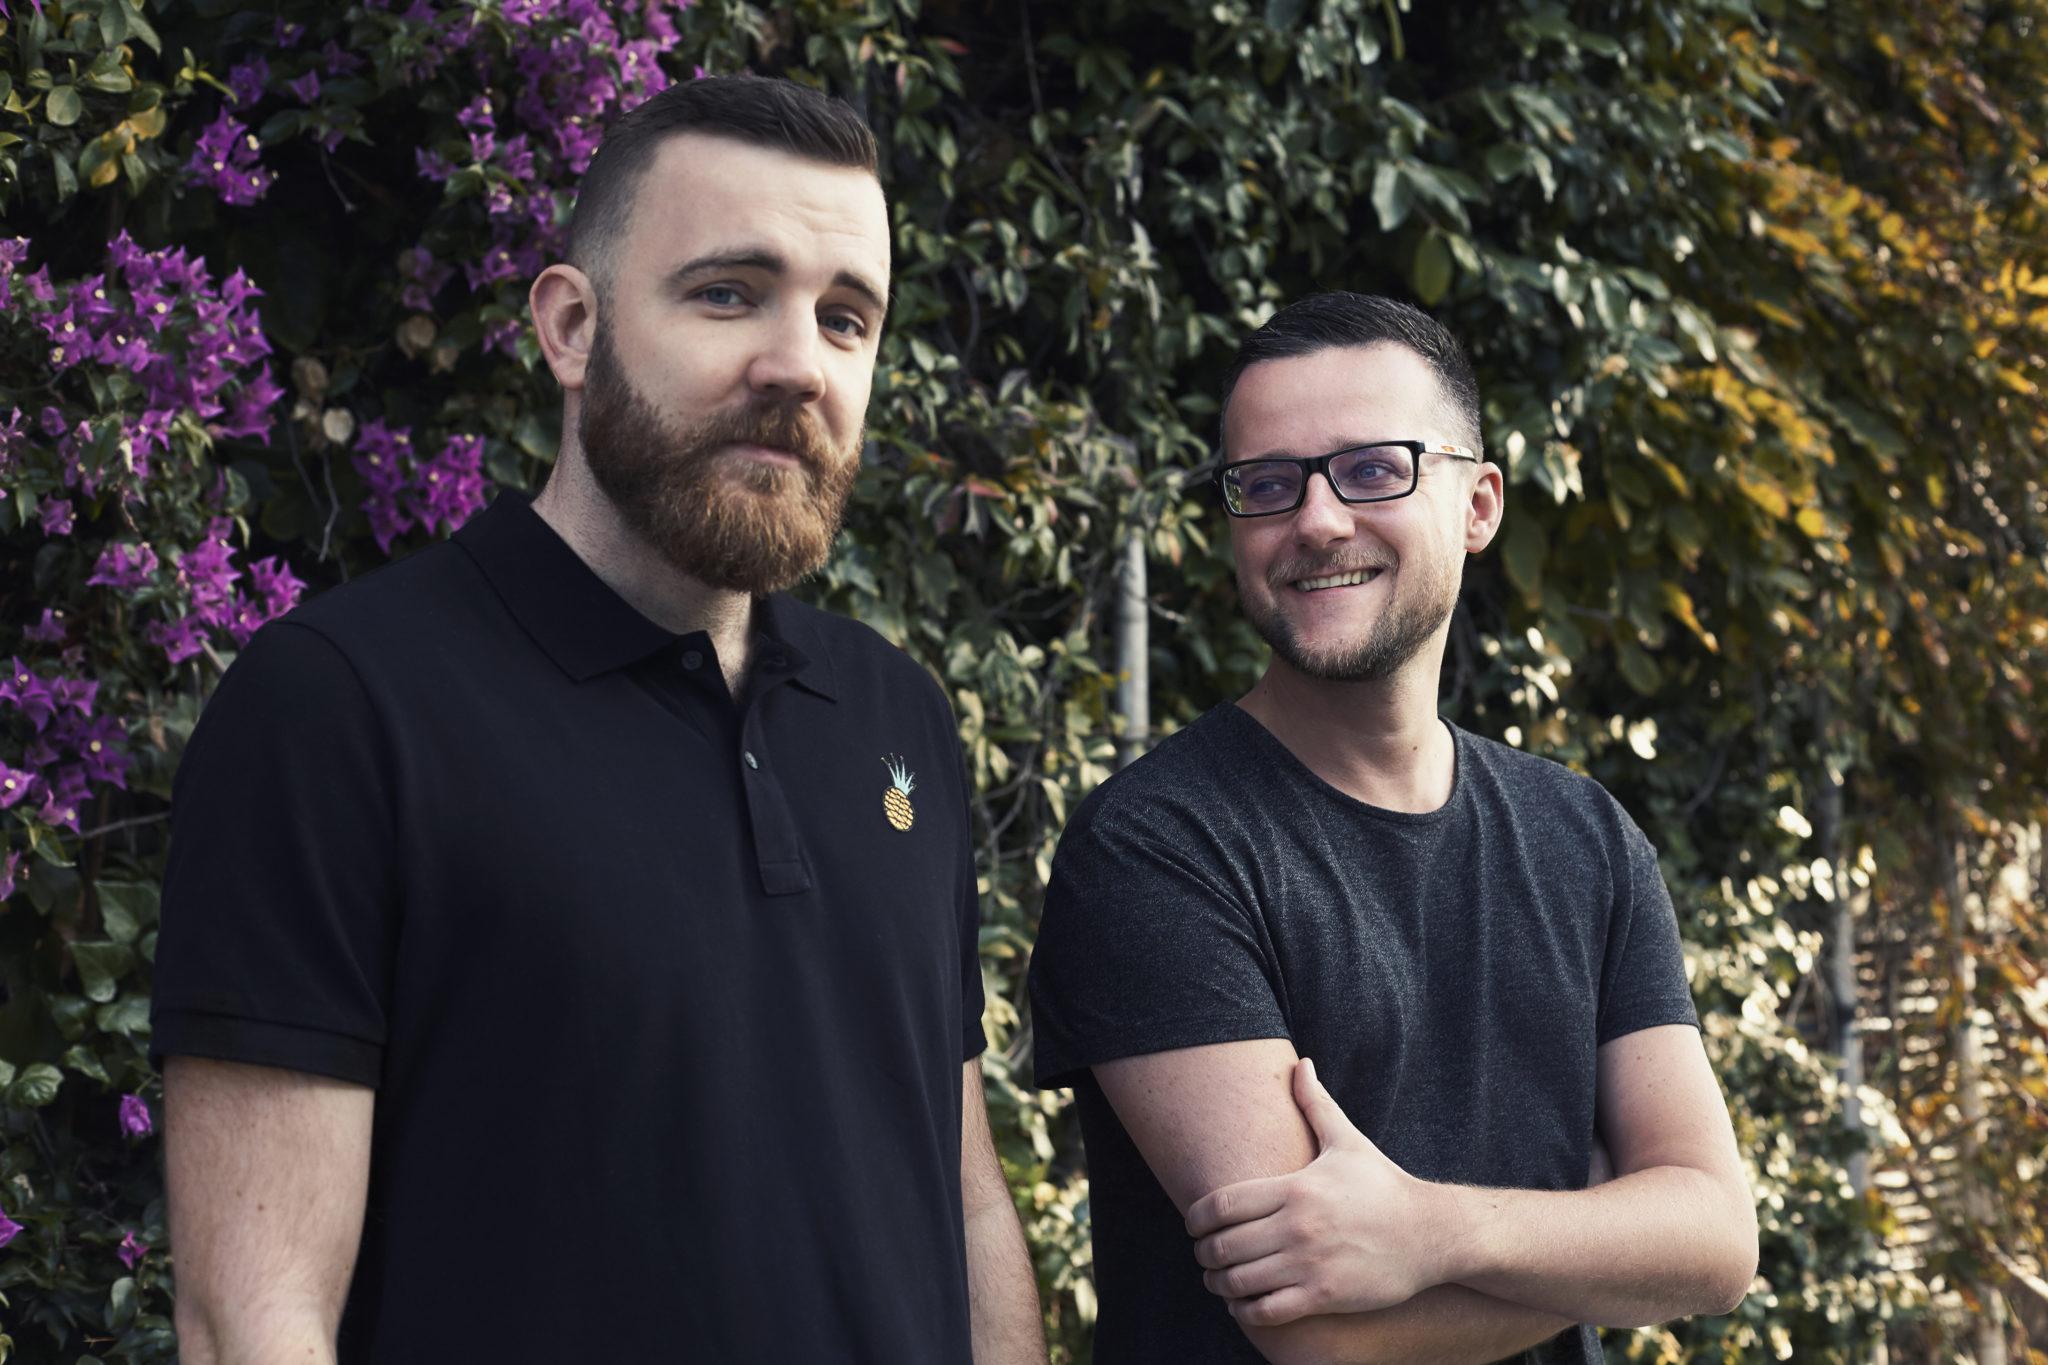 Dwóch mężczyzn na tle zielonych krzaków